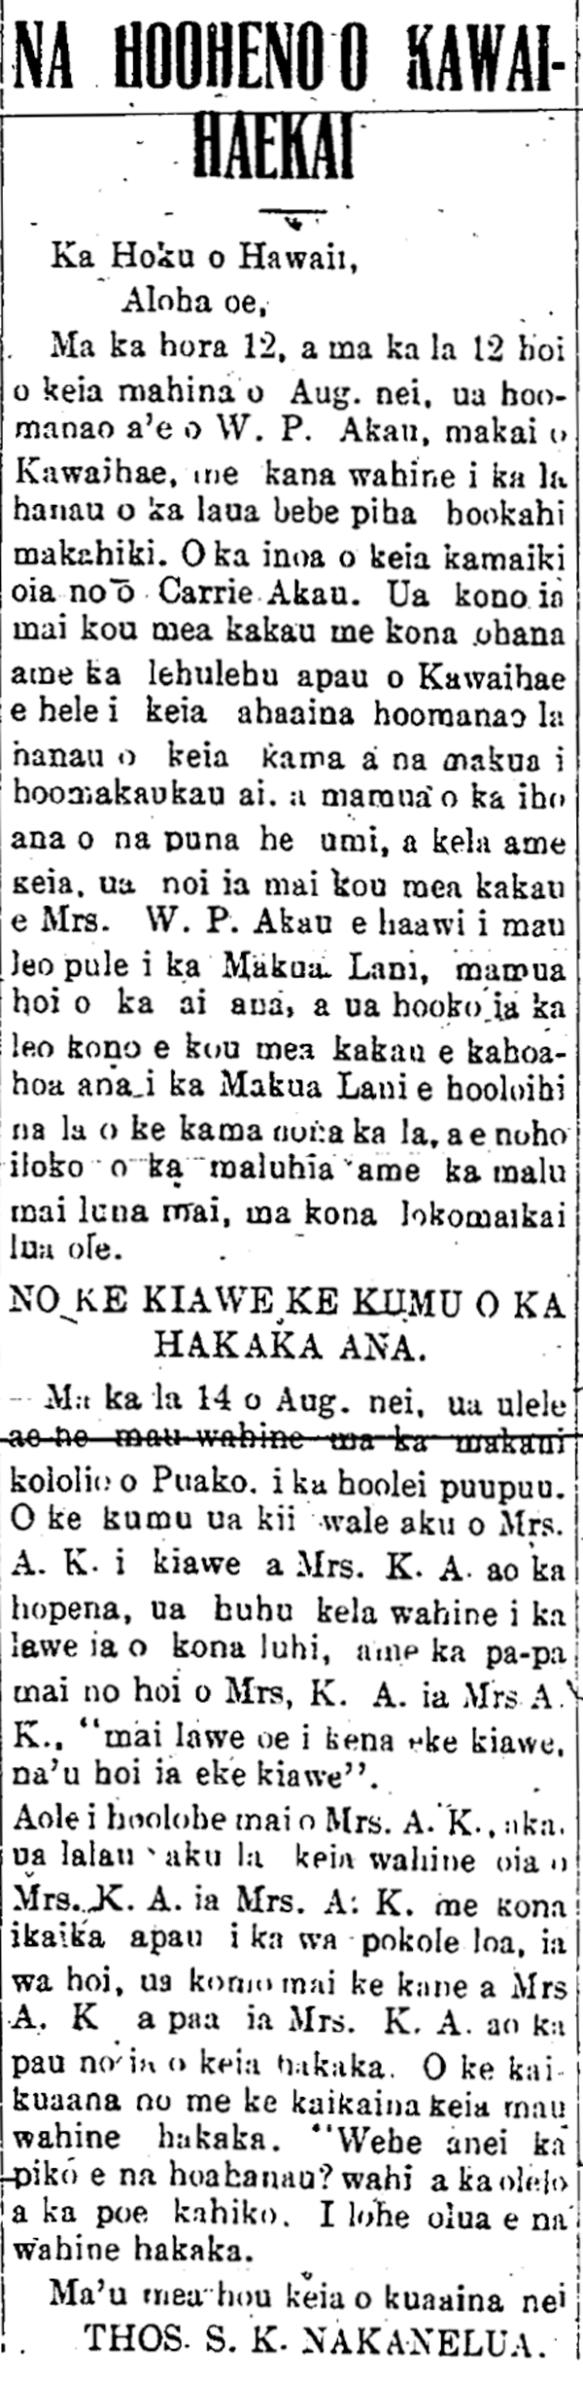 HokuoHawaii_8_24_1916_3